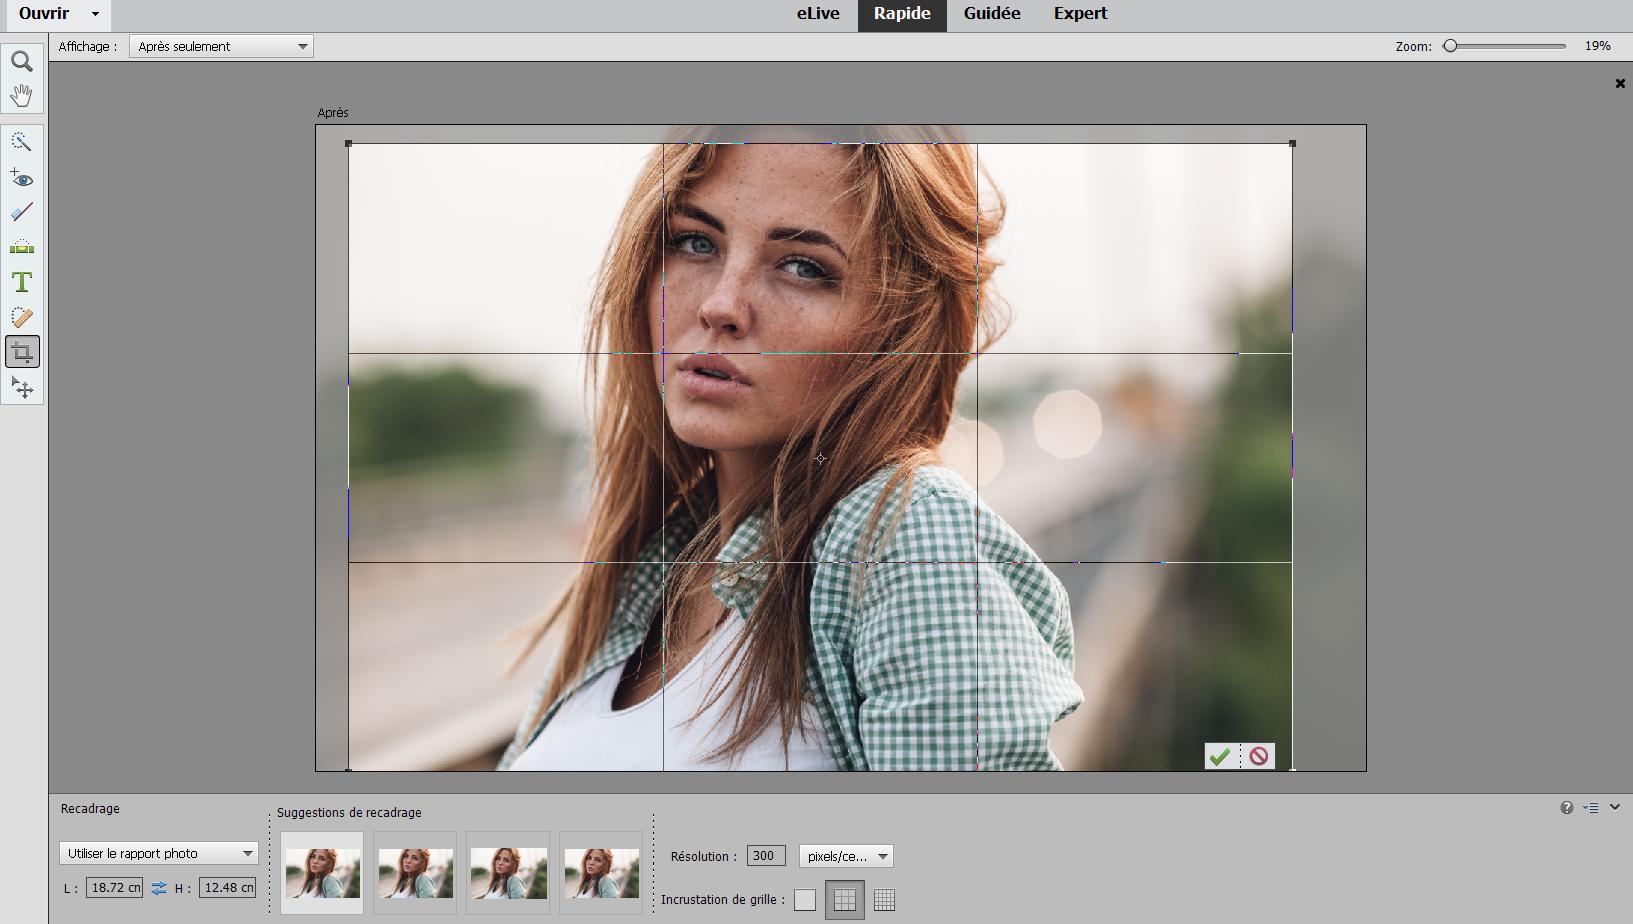 Recadrage Des Images Dans Photoshop Elements